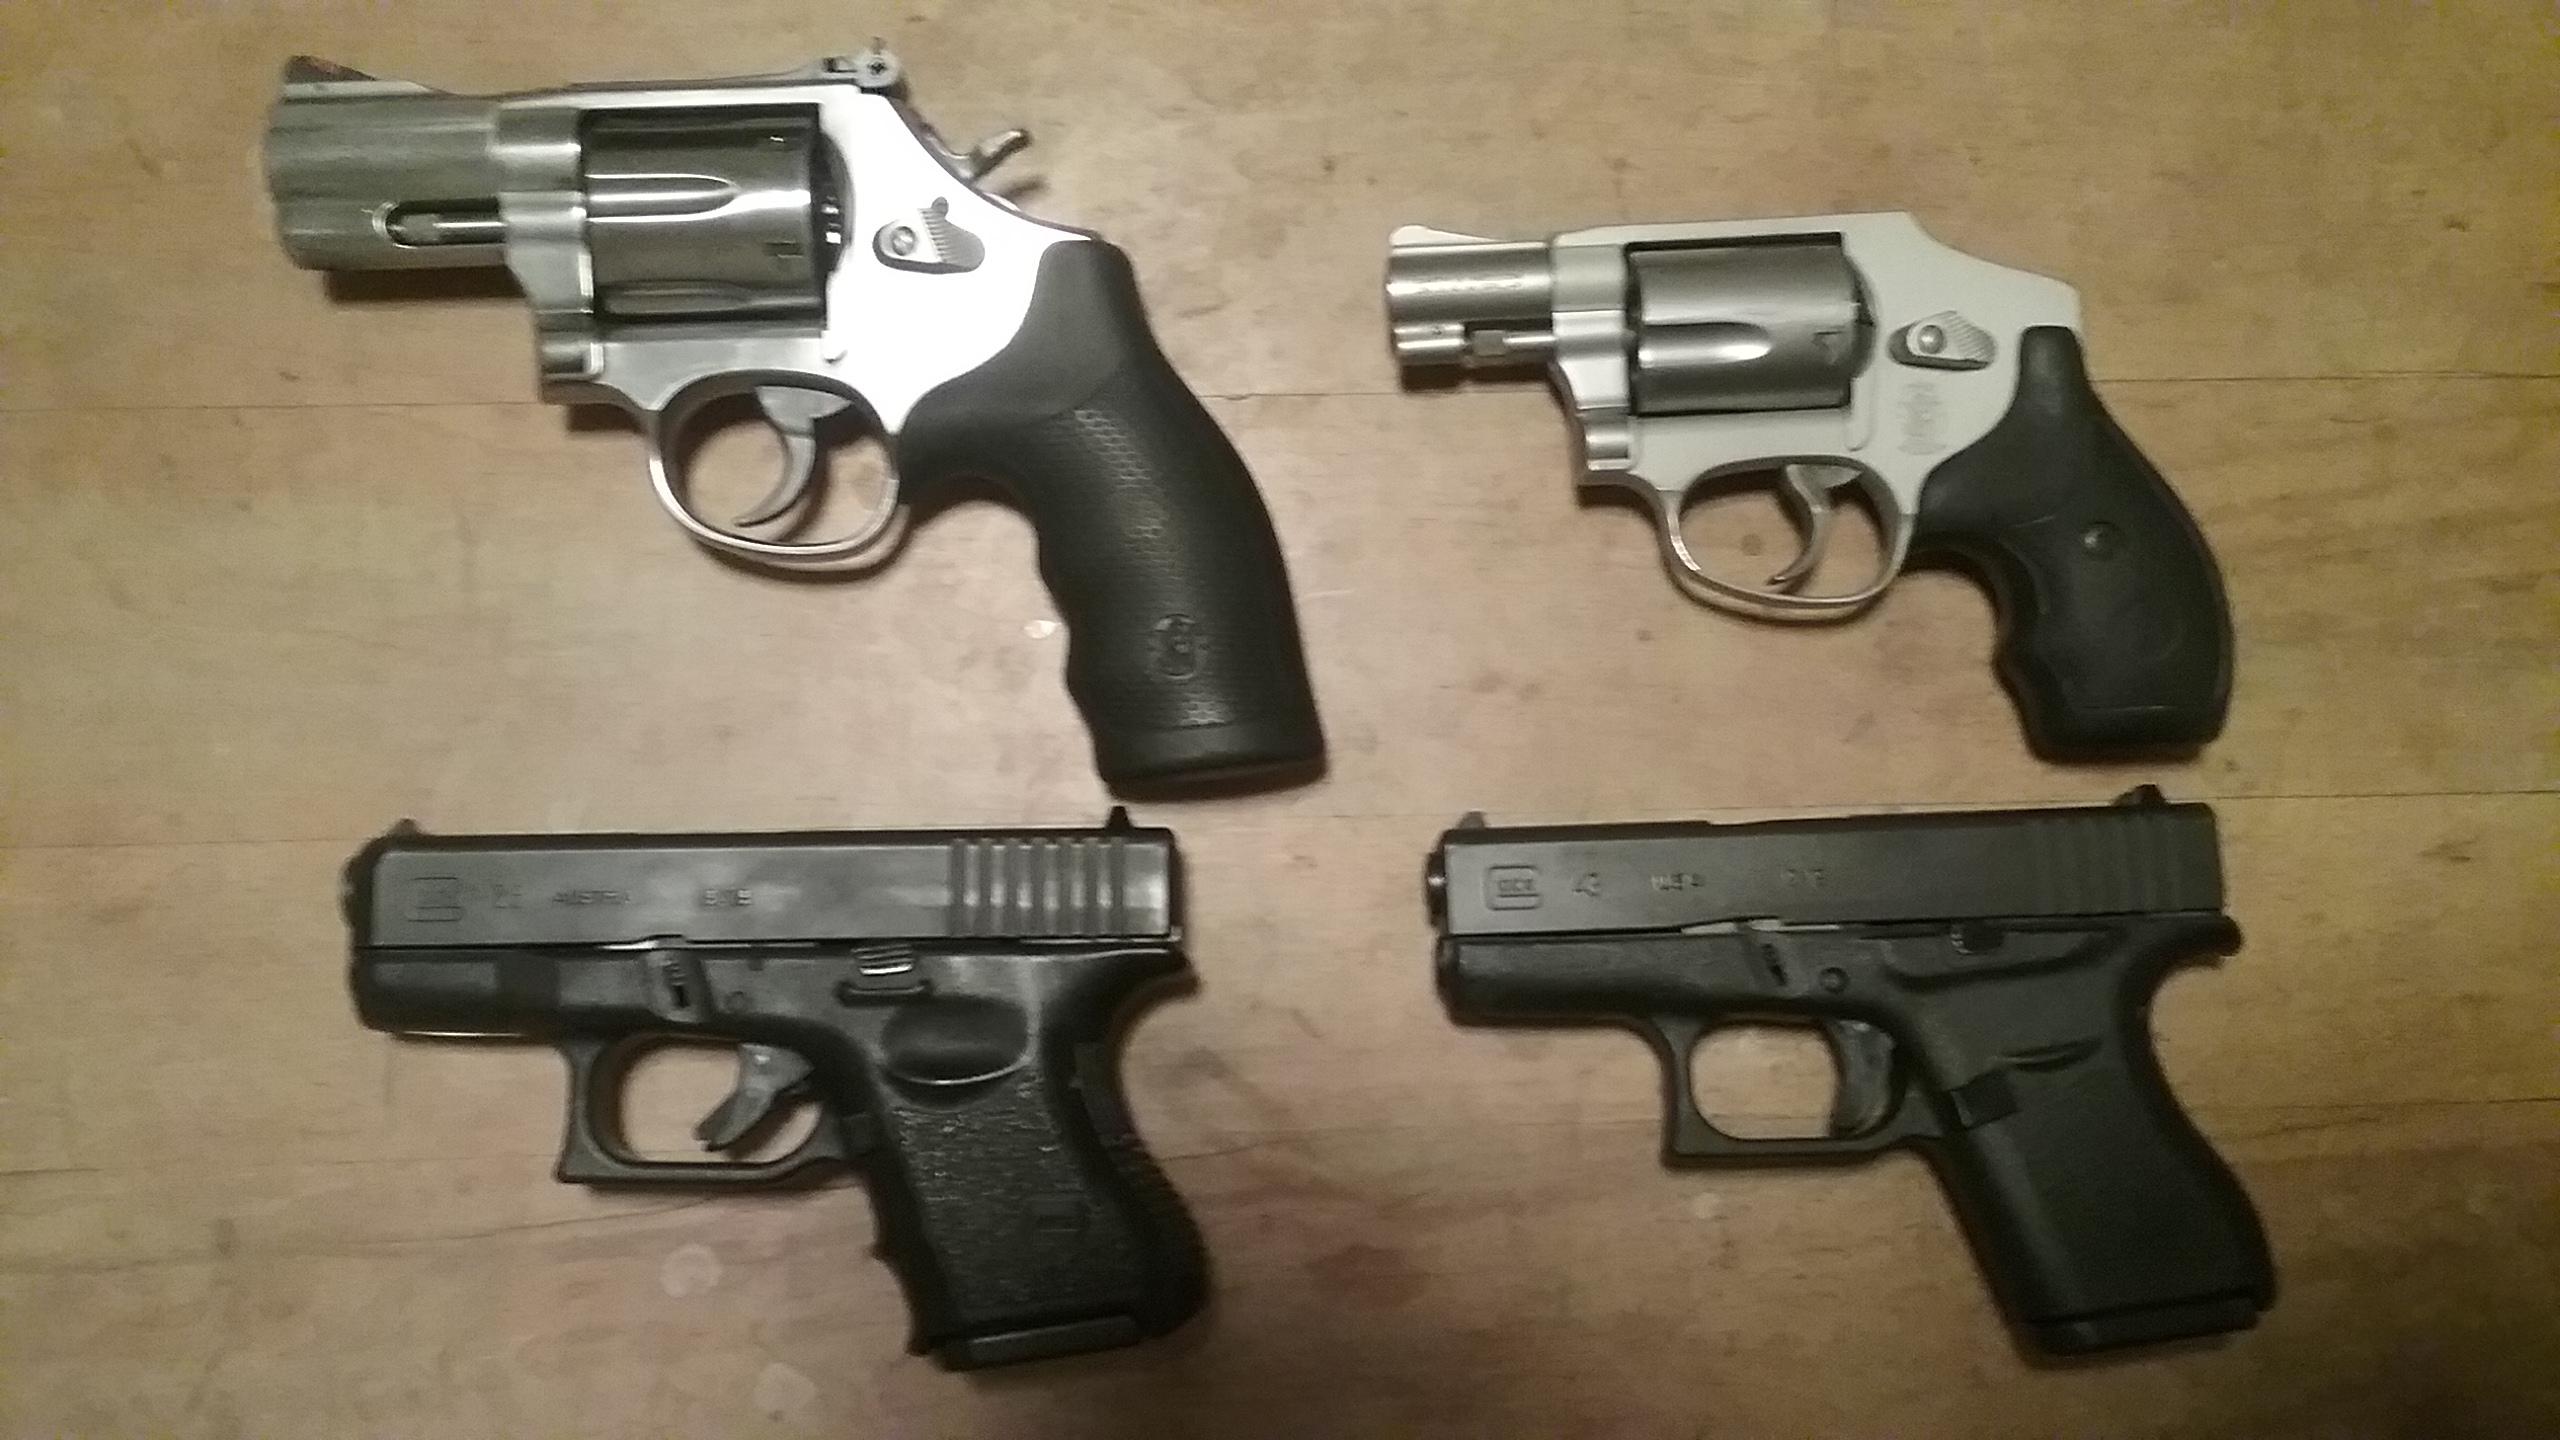 Semi-auto vs Revolver, Especially as a Carry Gun Choice | The ...